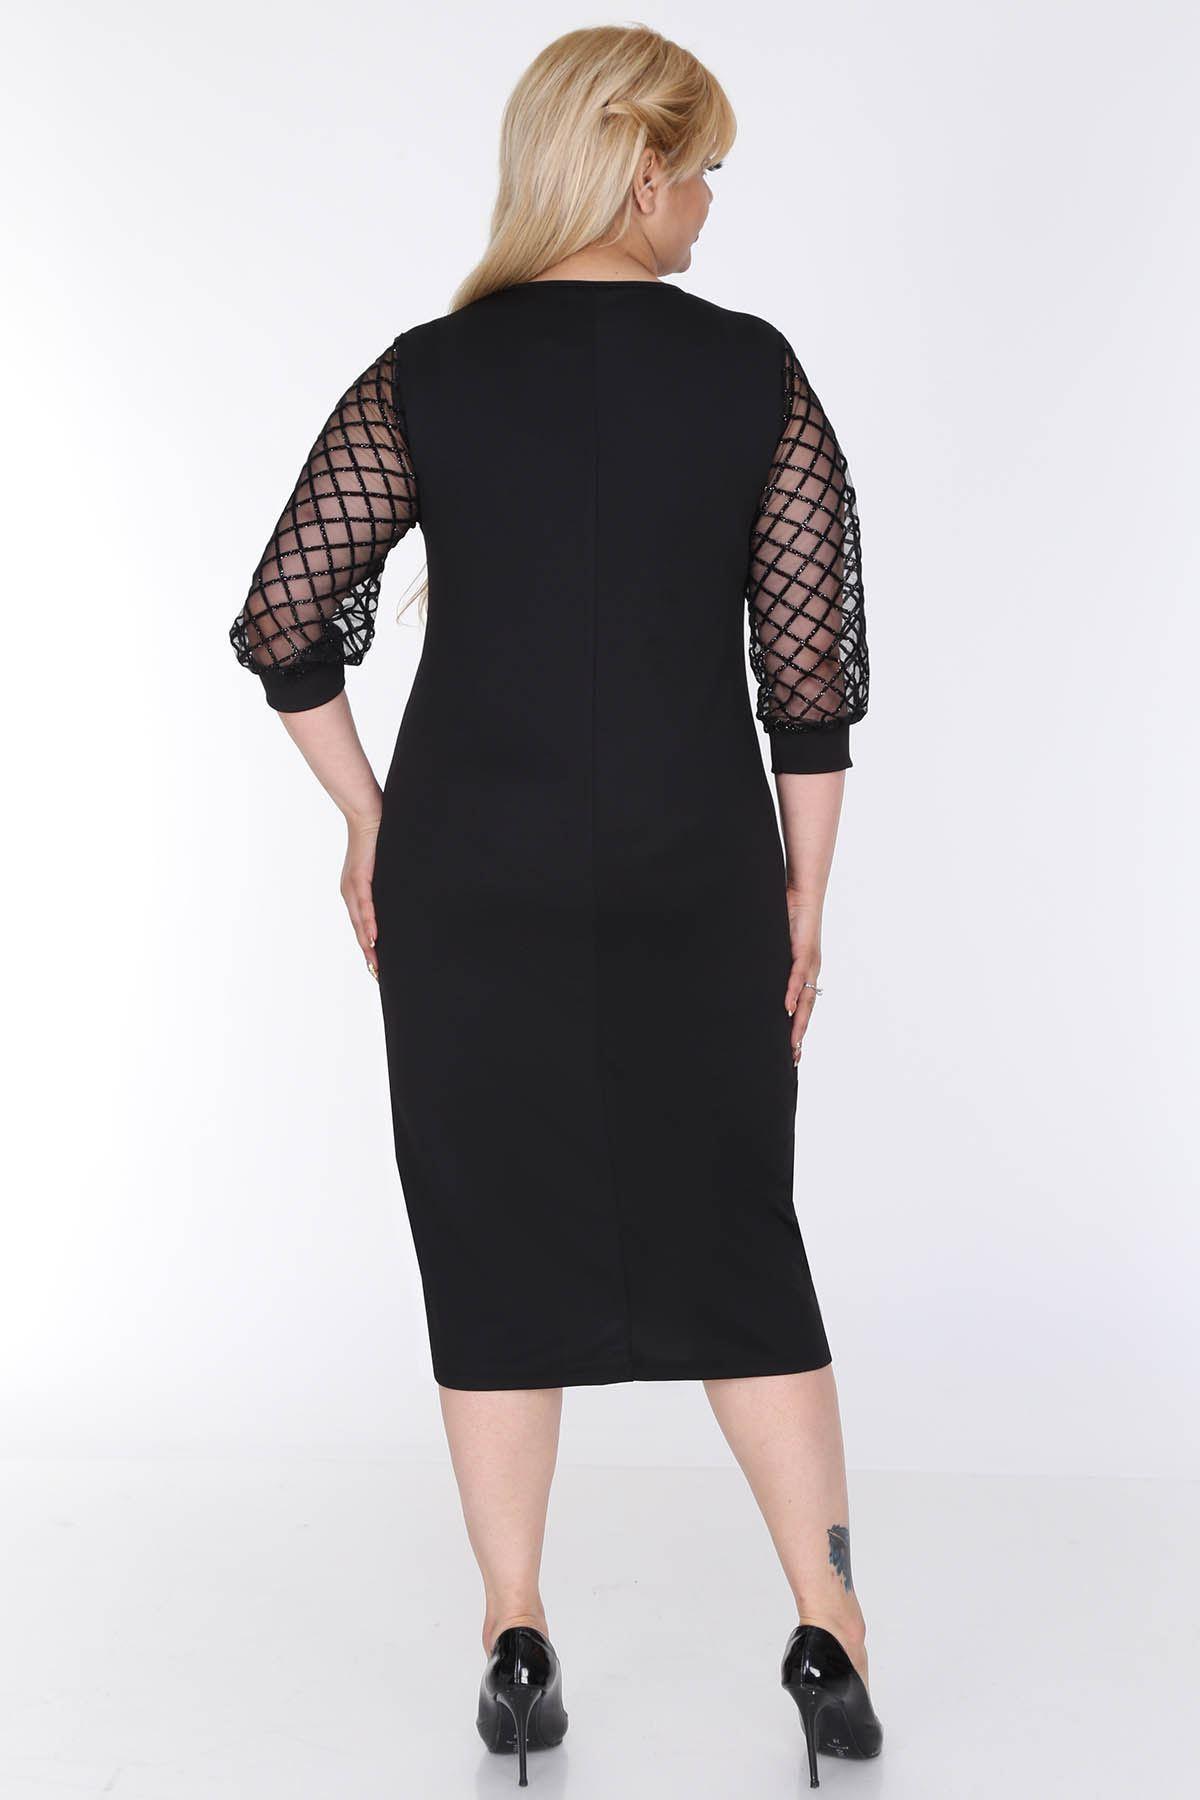 Simli Flok Kol Büyük Beden Elbise 3C-0572